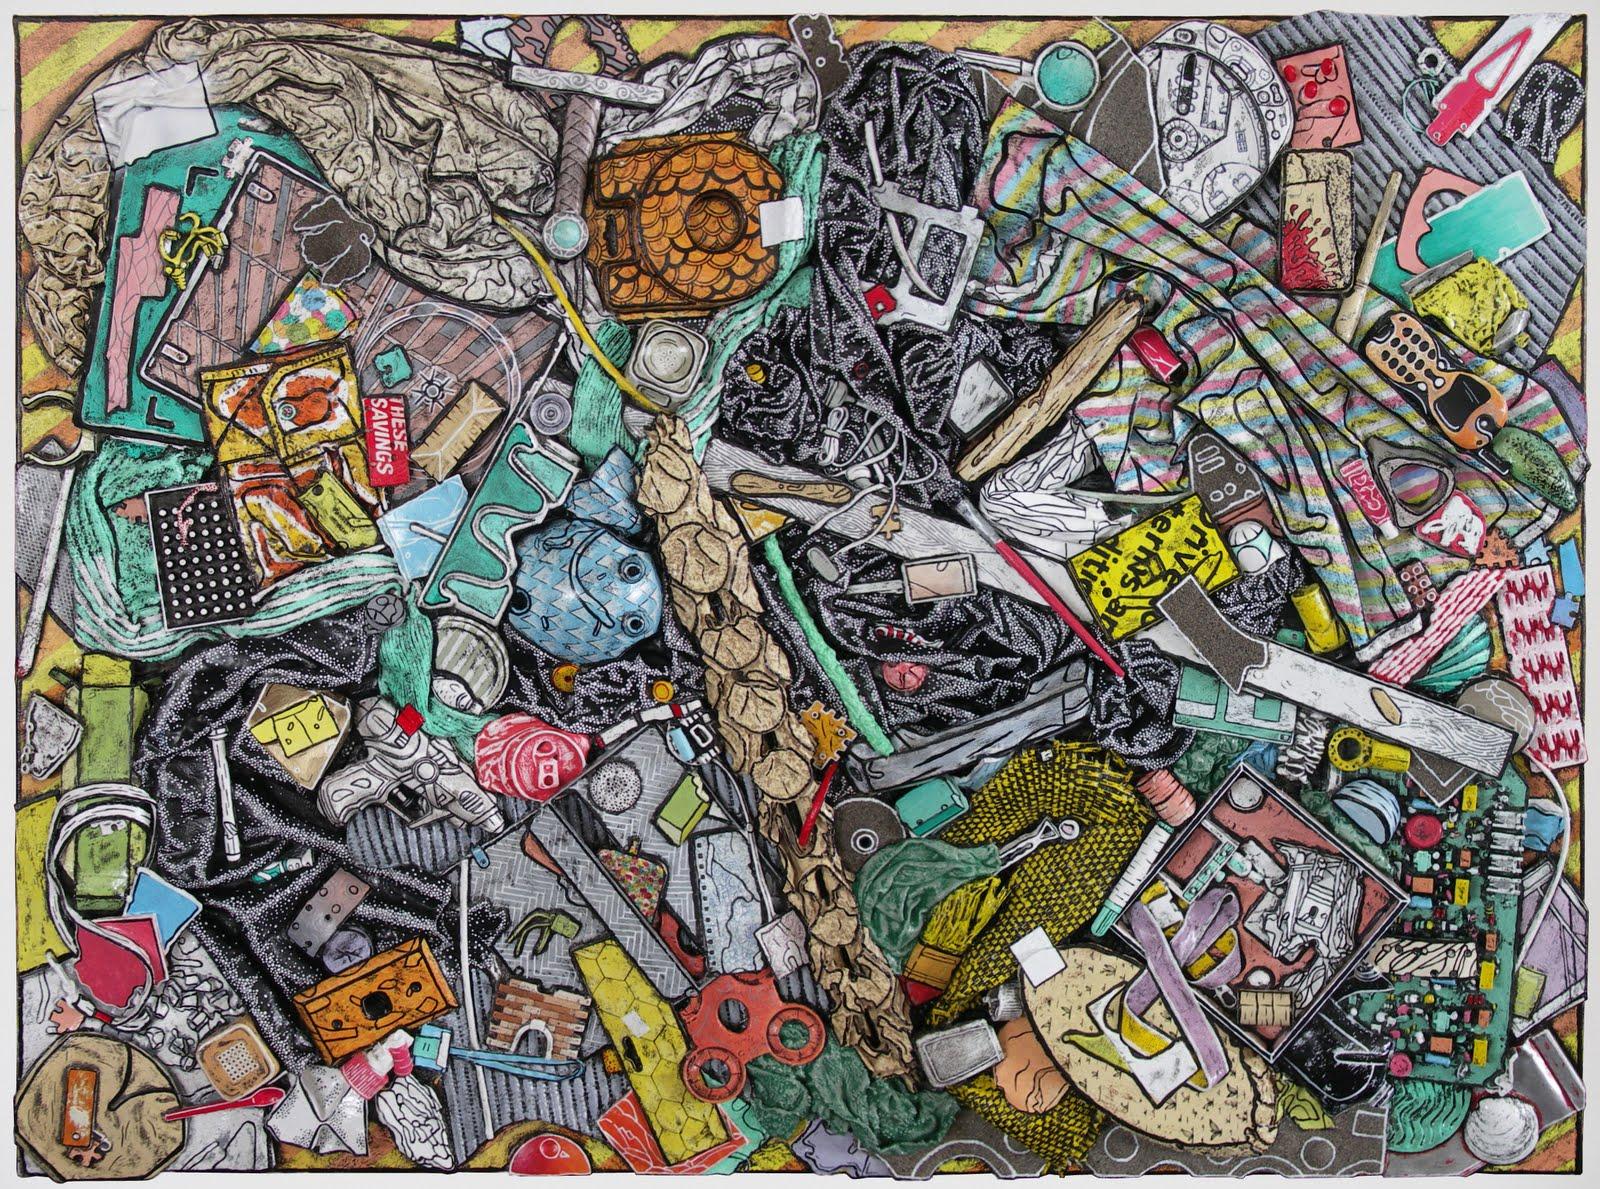 http://4.bp.blogspot.com/-T5mR5Uw4jQc/TV8TKT1l23I/AAAAAAAAAZw/0H7jb9HqxjE/s1600/Compilation.2010.%2Bacrylic%2Band%2Bmixed%2Bmedia%2Bon%2Bcanvas.jpg